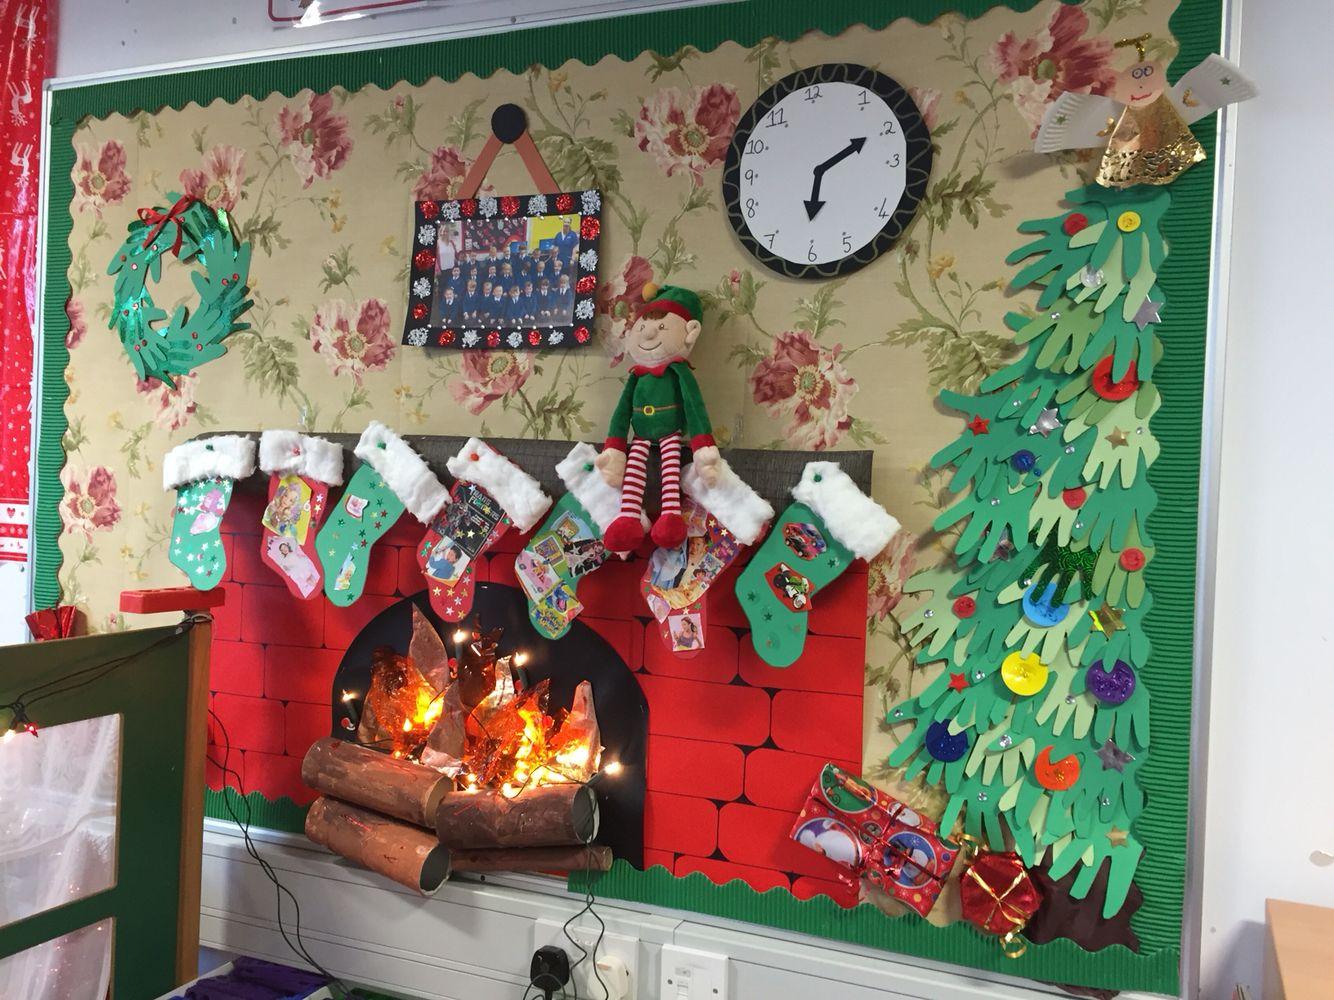 Eyfs Children School Display Christmas Fireplace Stockings Kids Christmas Classroom Christmas Art Christmas Display